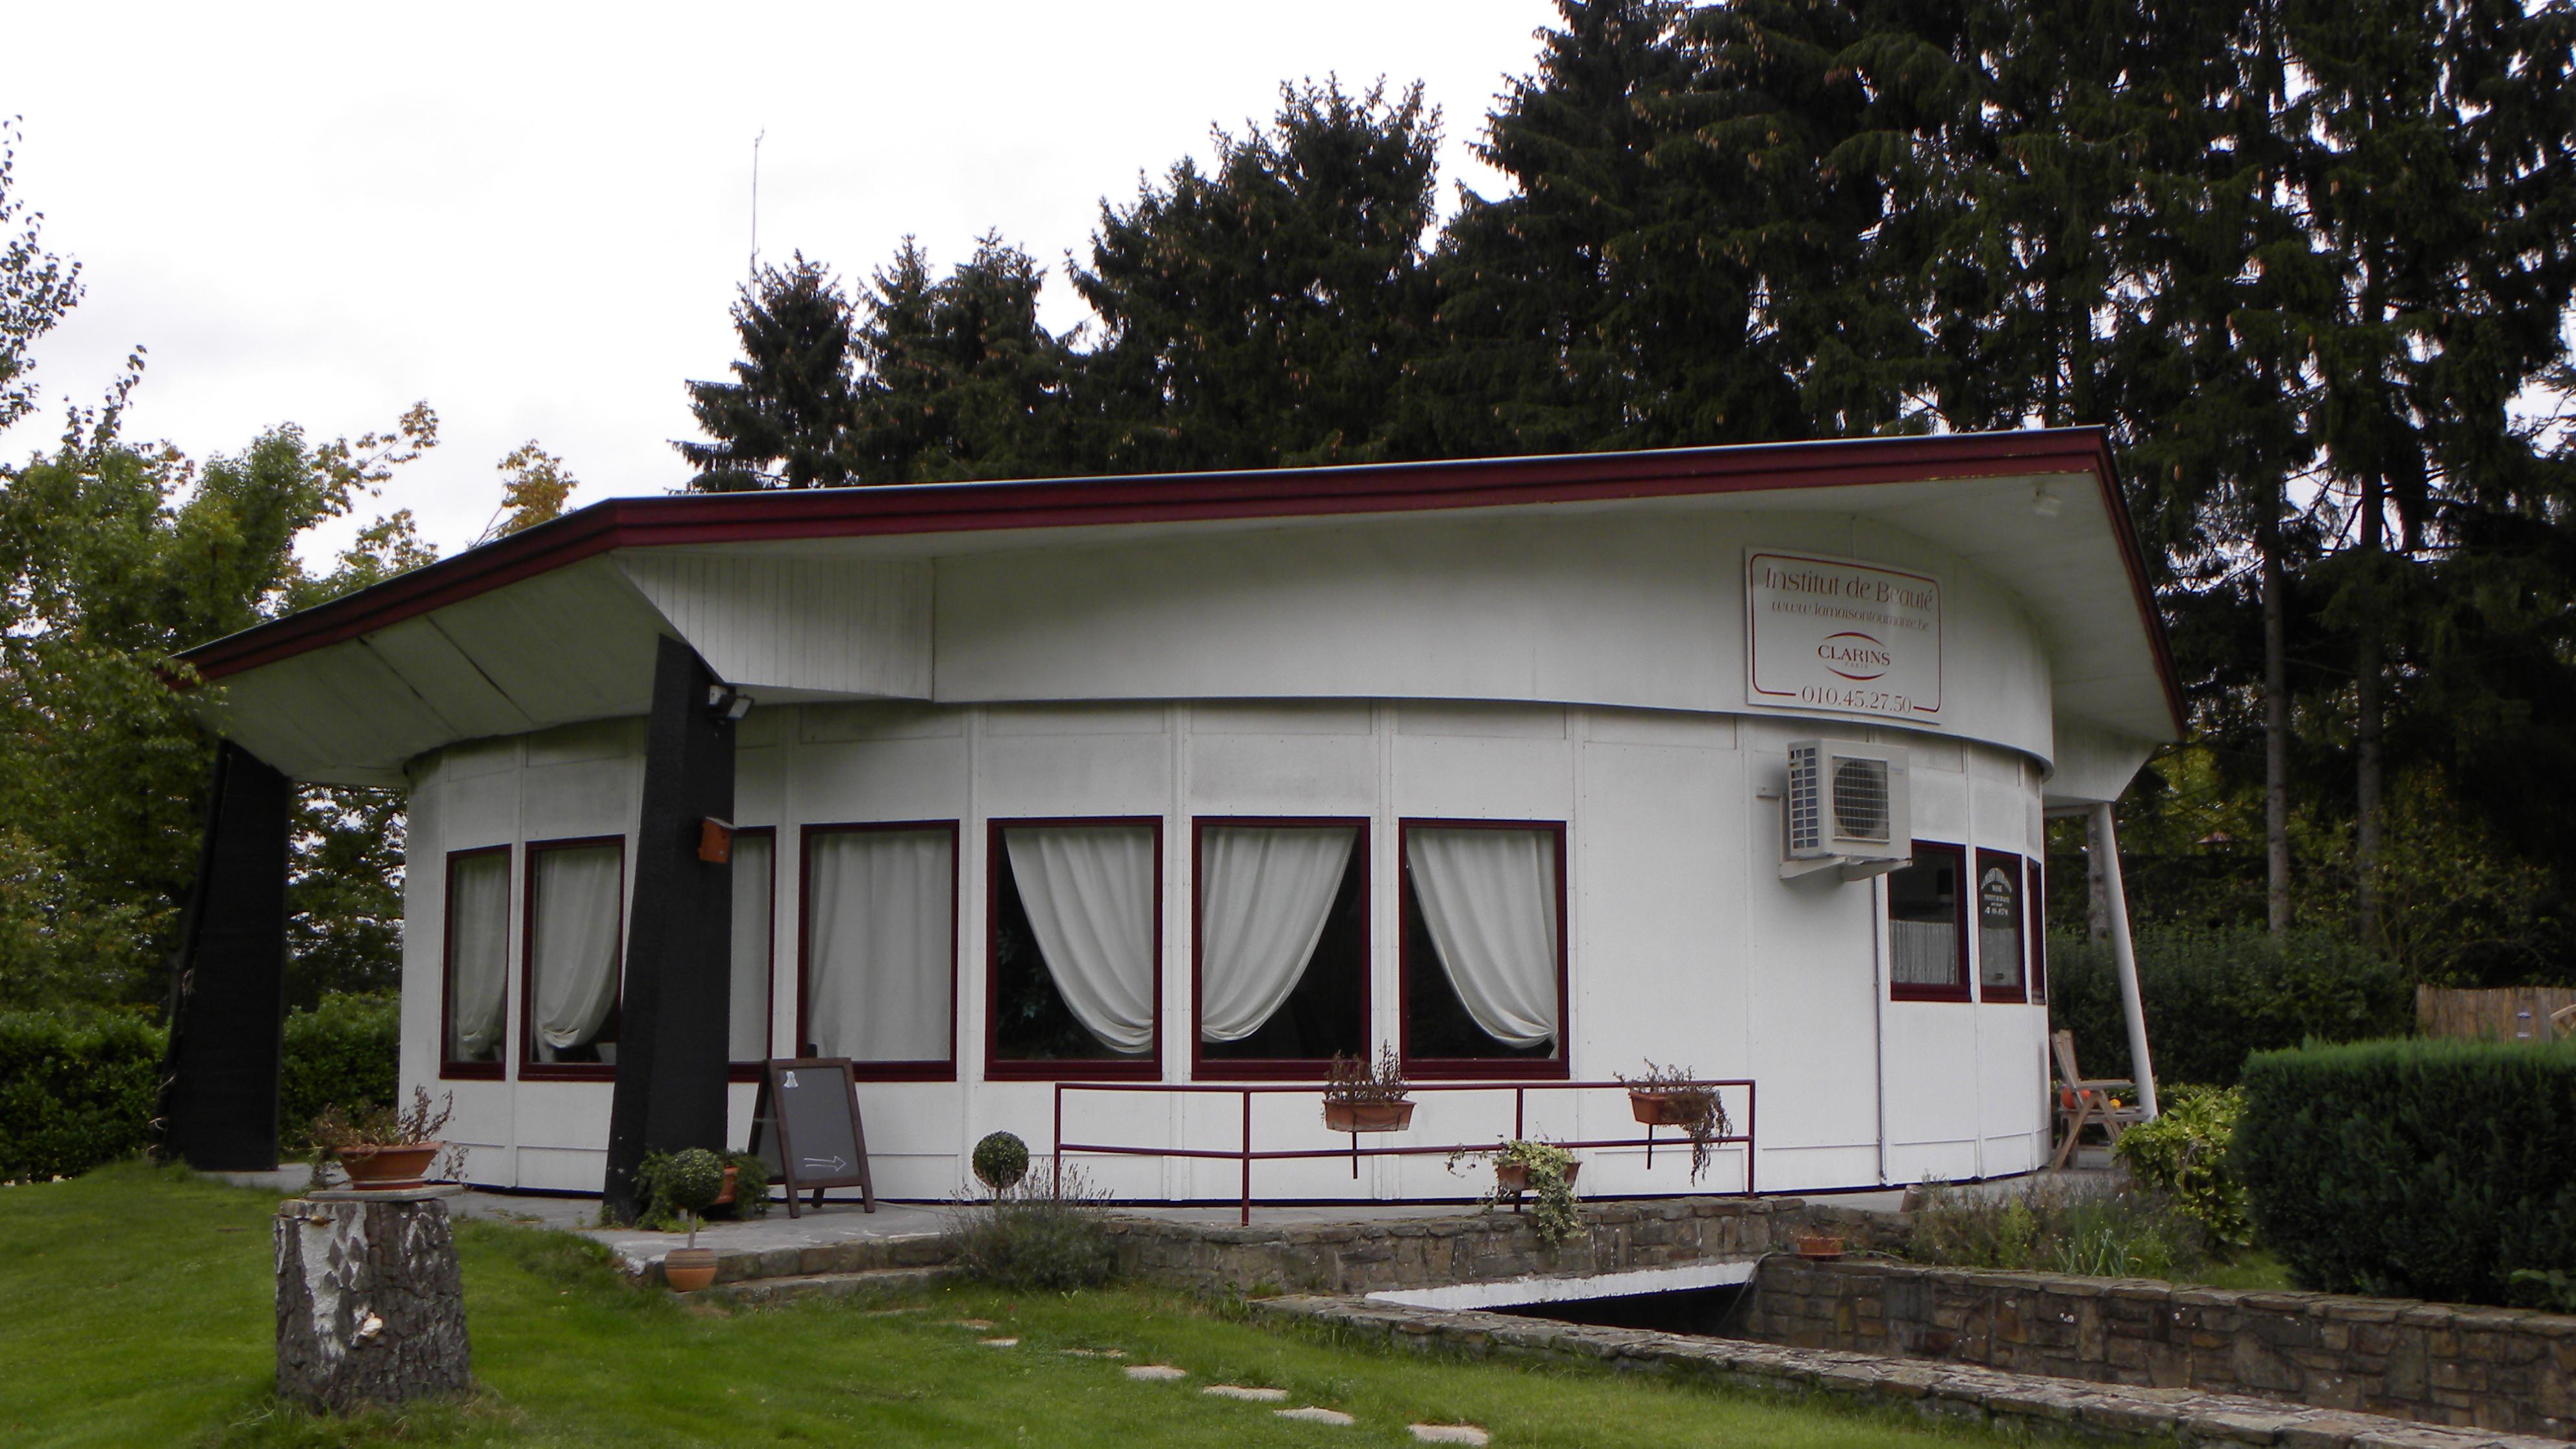 File:Maison tournante à Wavre en Brabant Wallon (Belgique).jpg ...